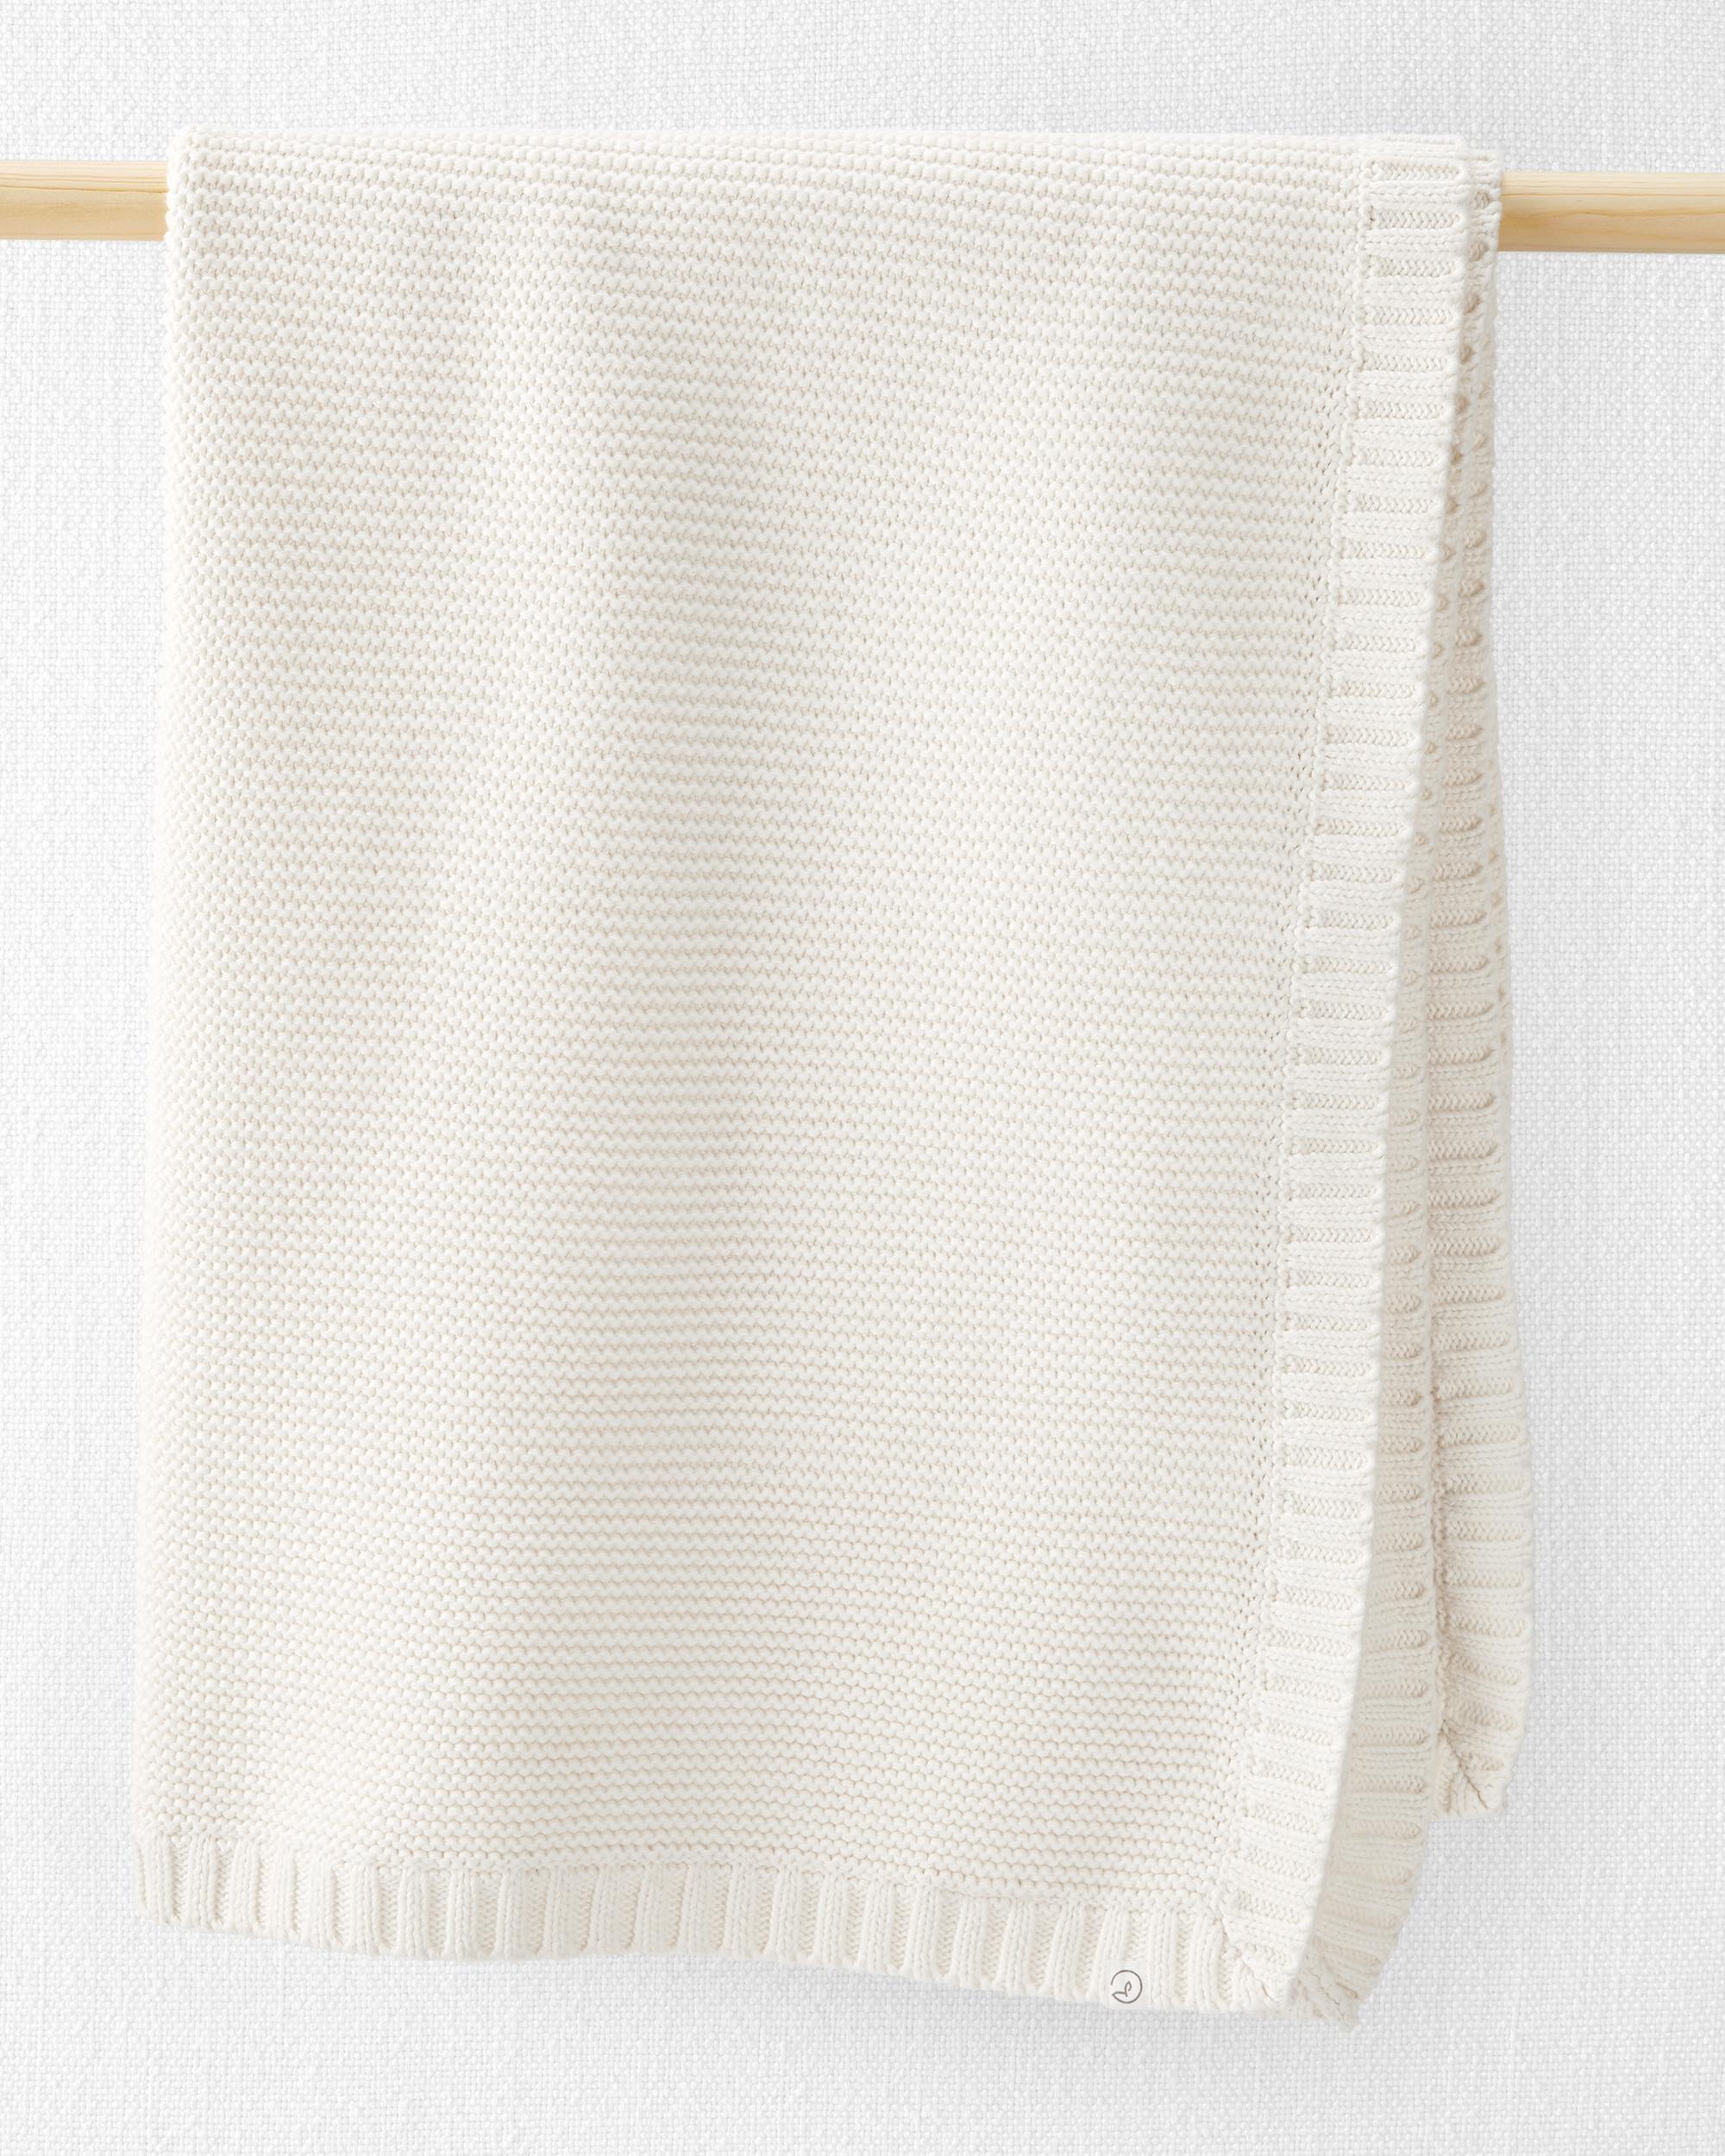 Oshkoshbgosh Organic Seed Stitch Blanket